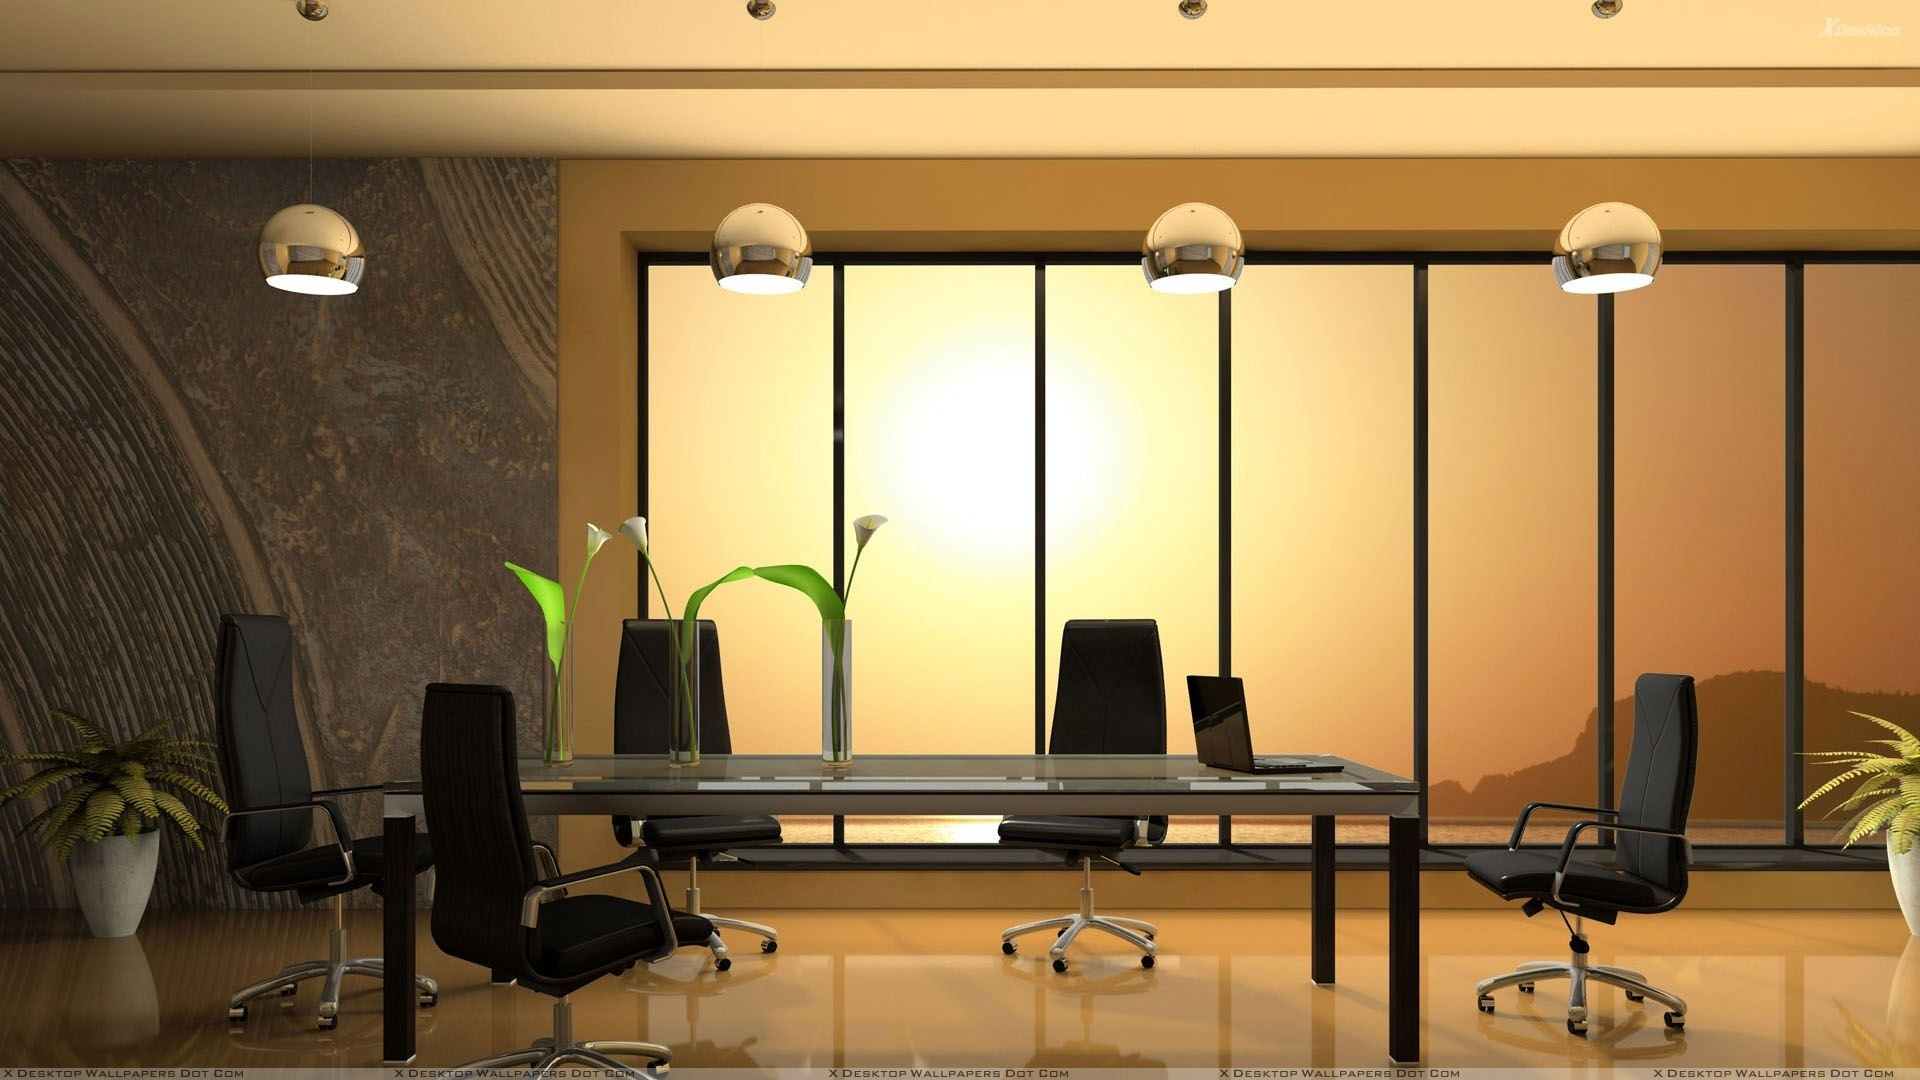 Office Desktop Background 57 images